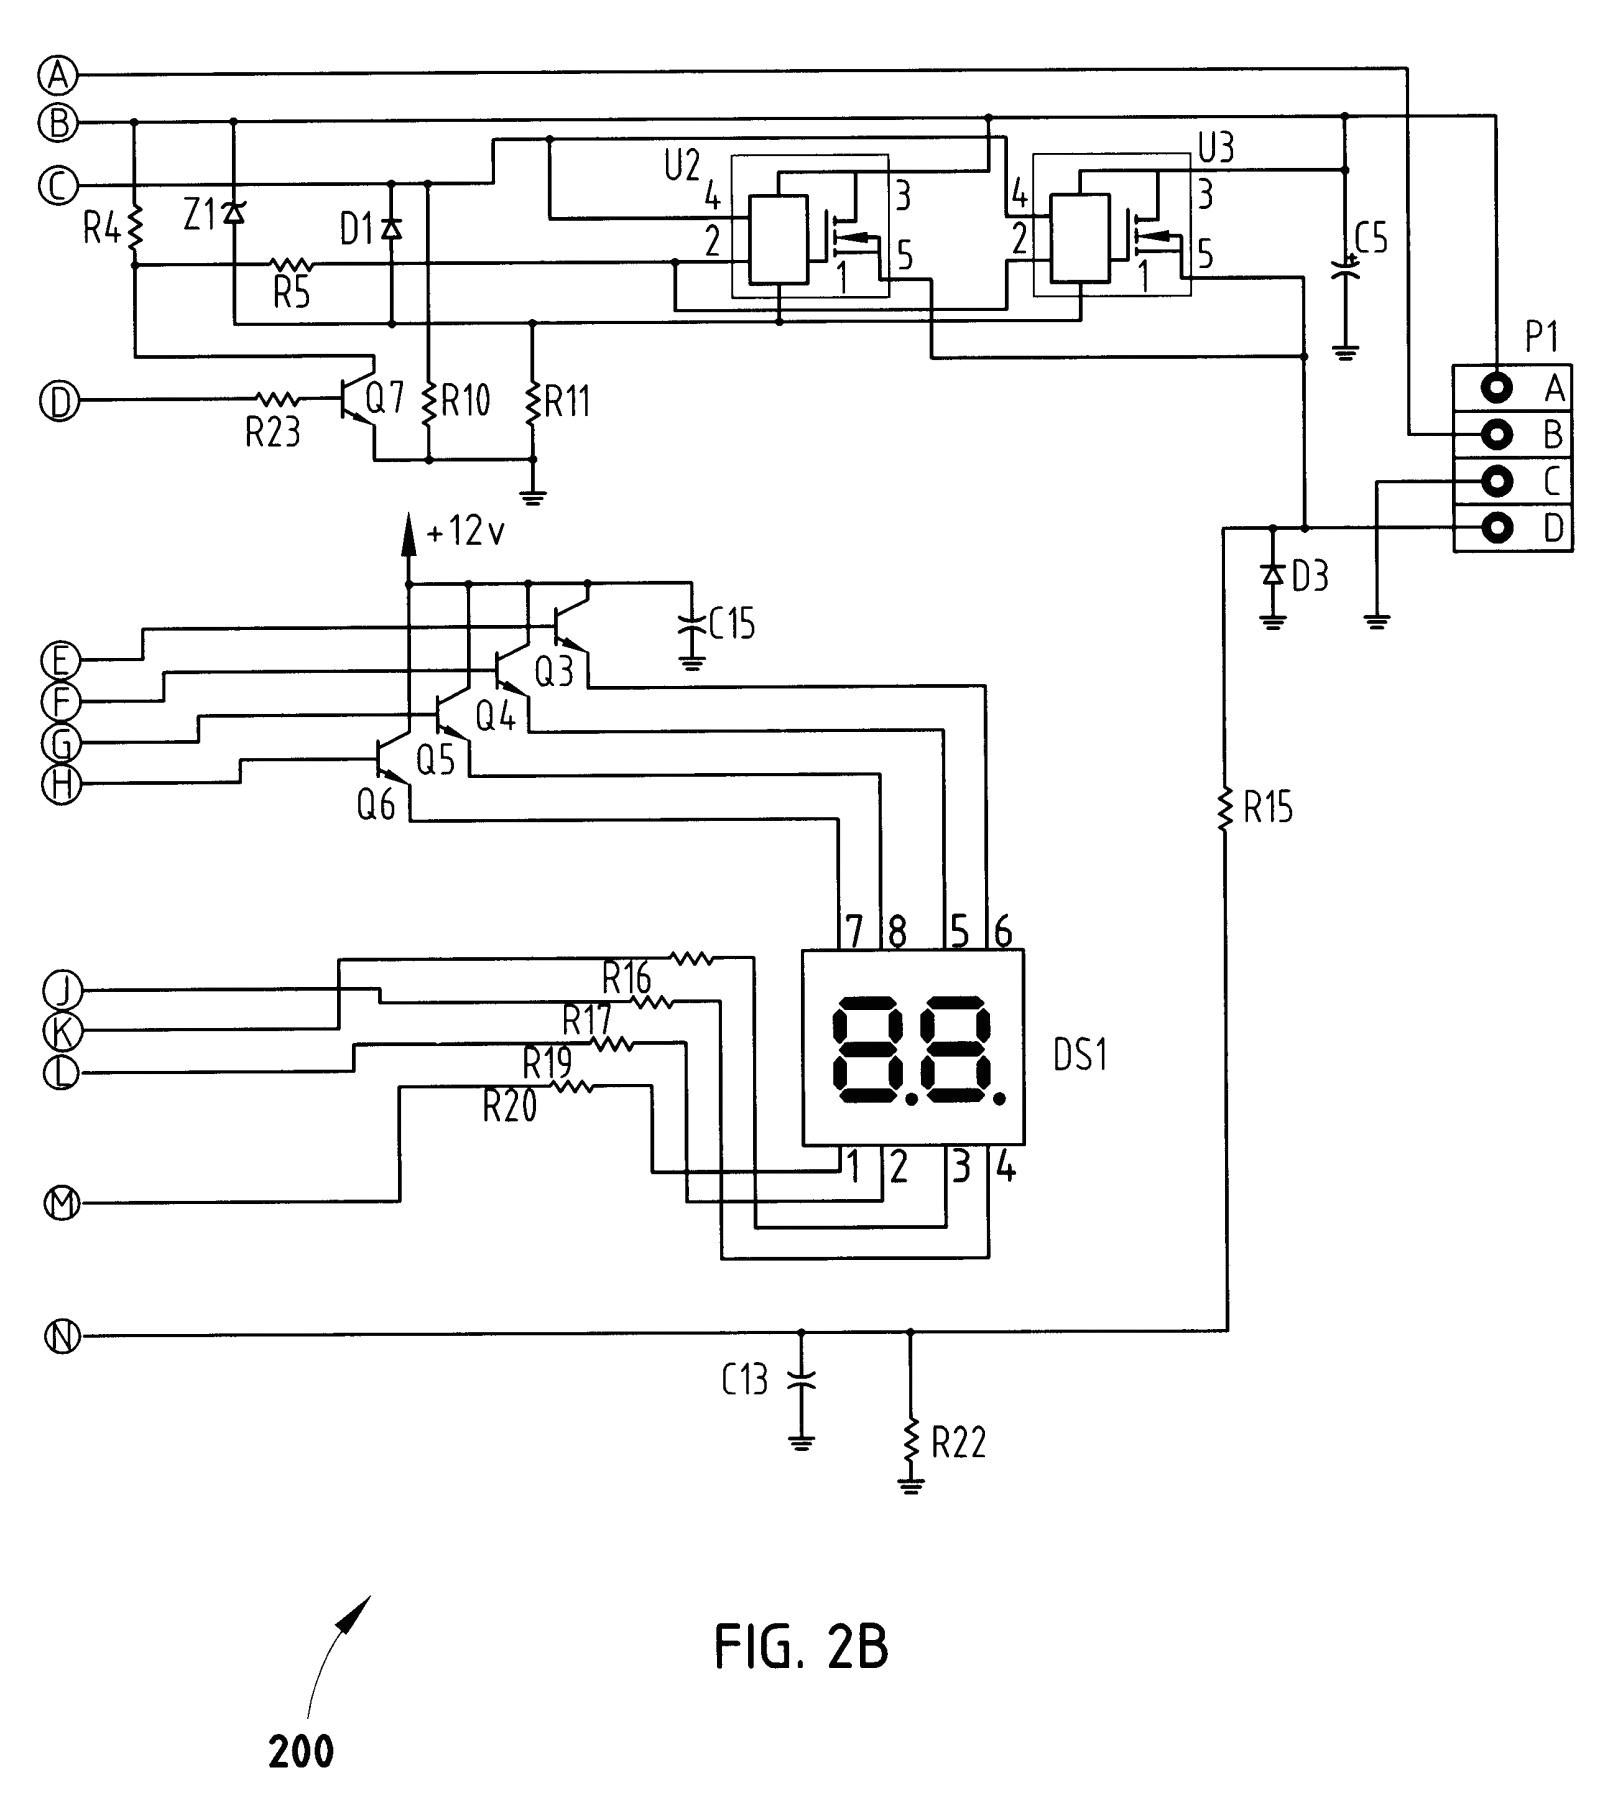 reese wiring diagram wiring diagrams favorites reese wiring diagram reese wiring diagram